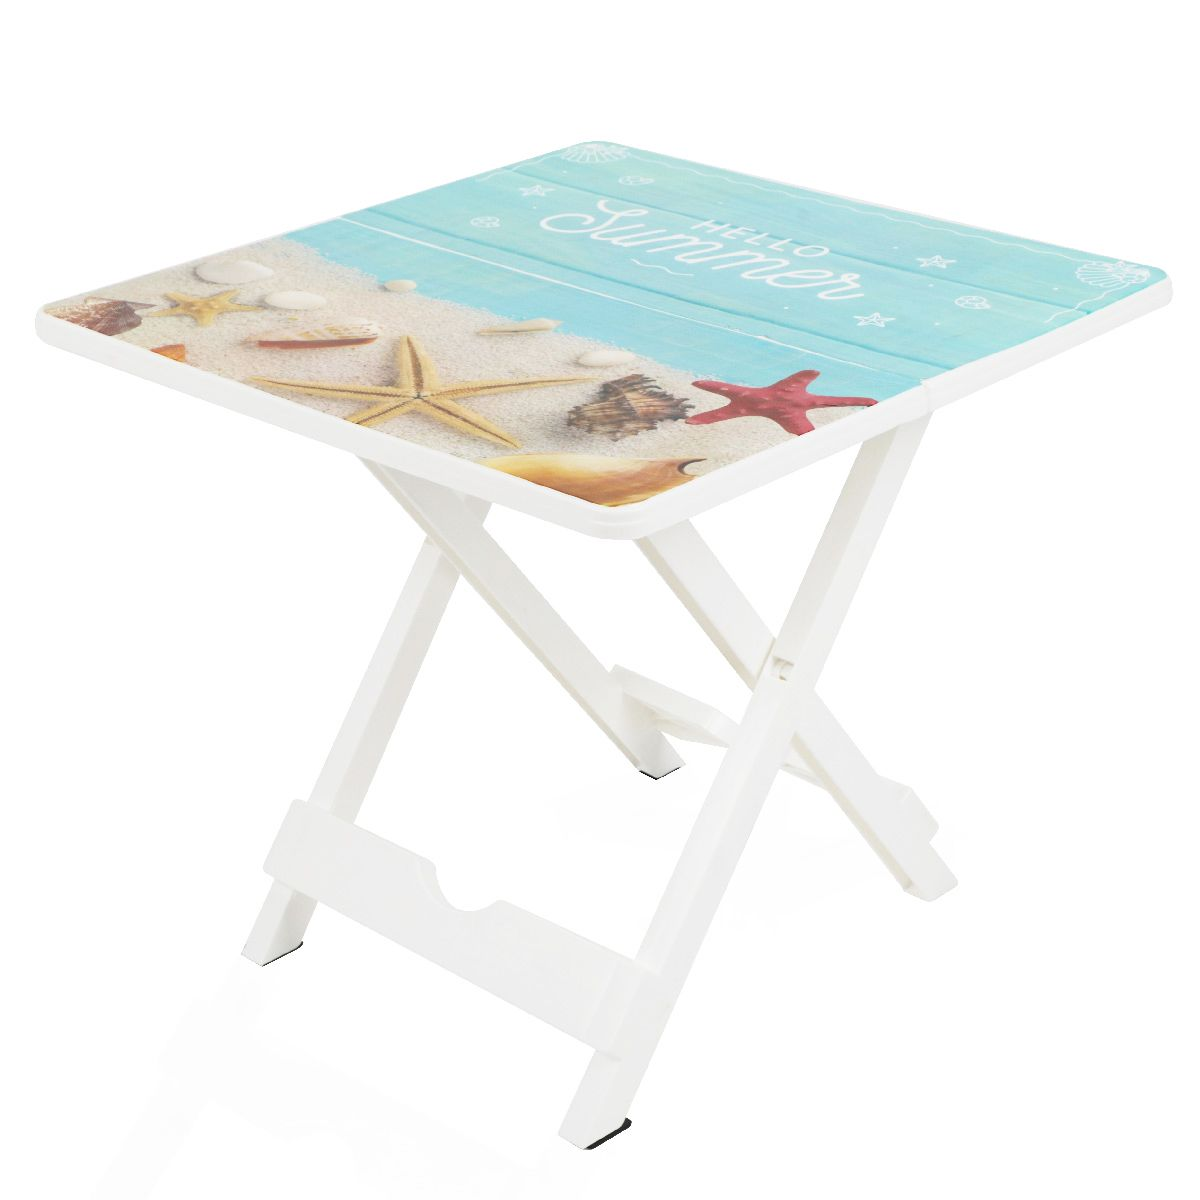 table-pliable-plastique-avec-motif-tunisie